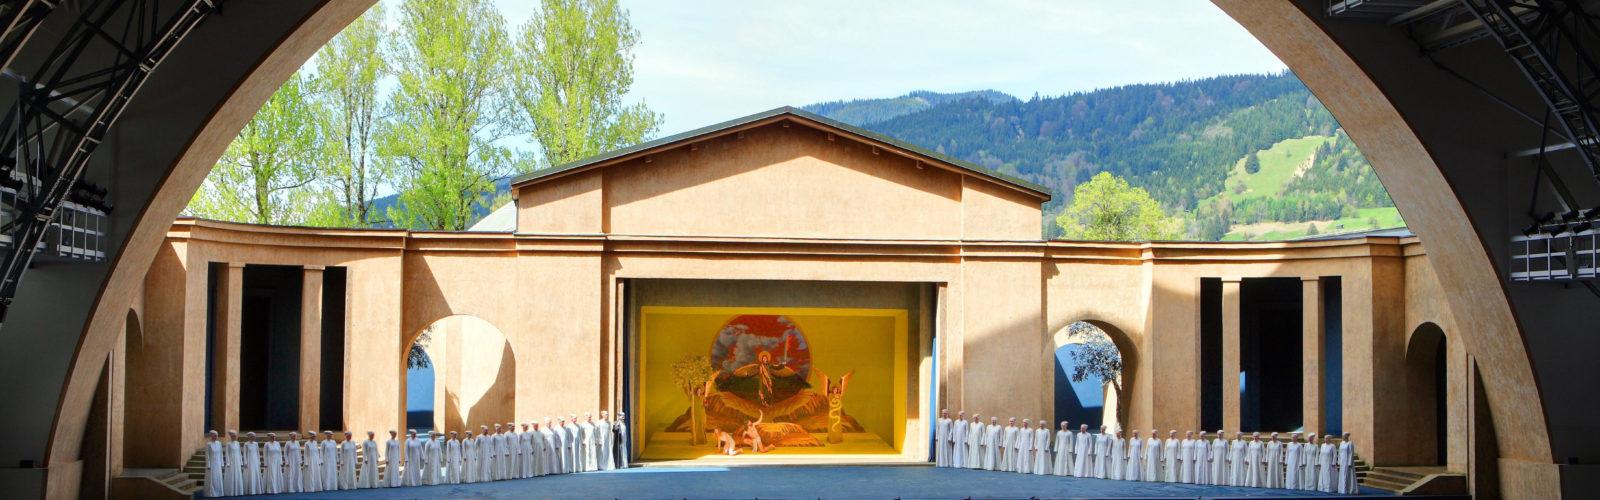 Unohtumaton matka! Oberammergaun Kärsimysnäytelmä Baijerissa